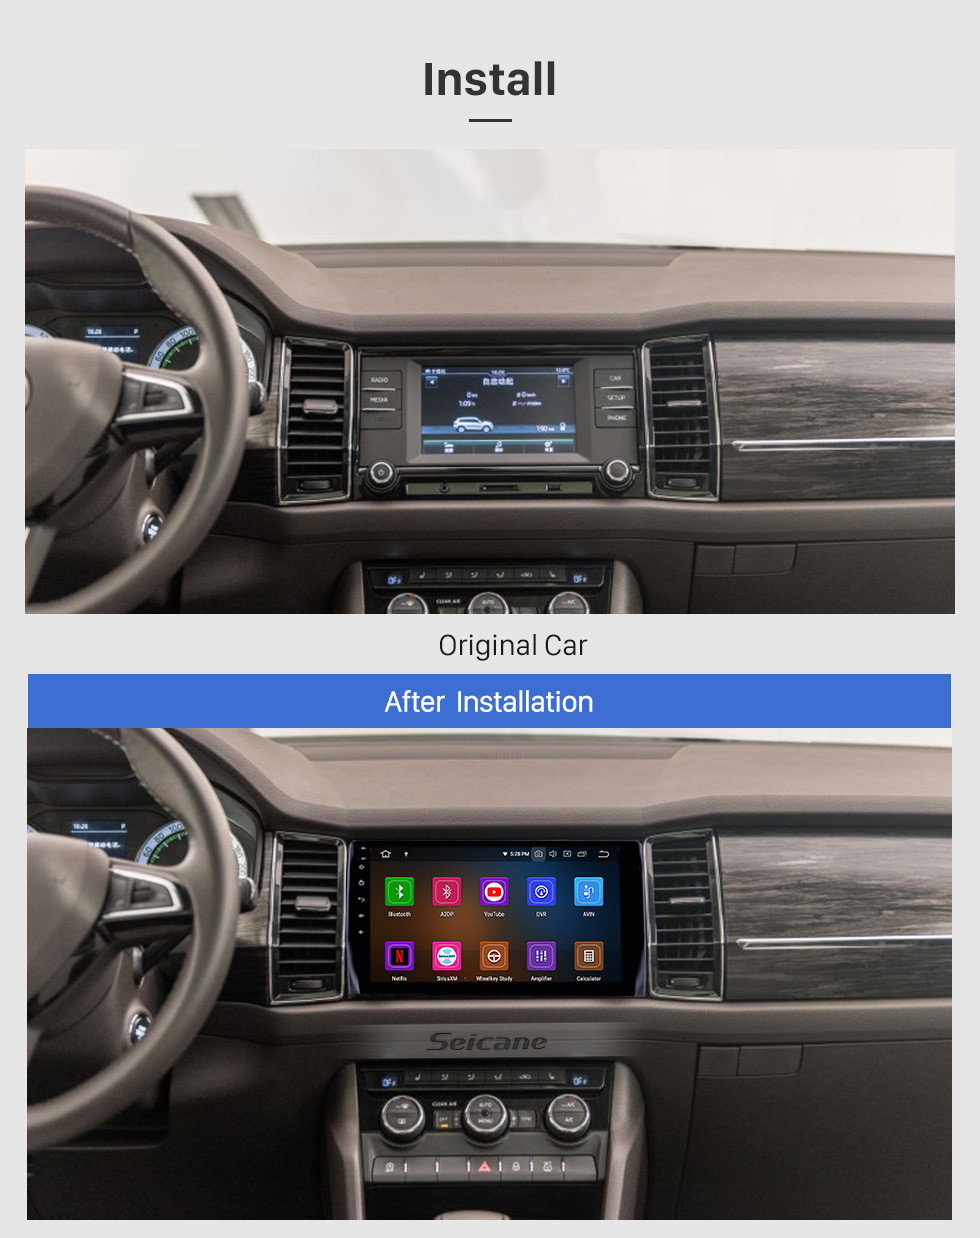 Seicane 10.1 polegada 2017-2018 Skoda Diack Android 10.0 Navegação GPS Rádio HD Bluetooth Touchscreen WIFI AUX Carplay suporte 1080 P Vídeo